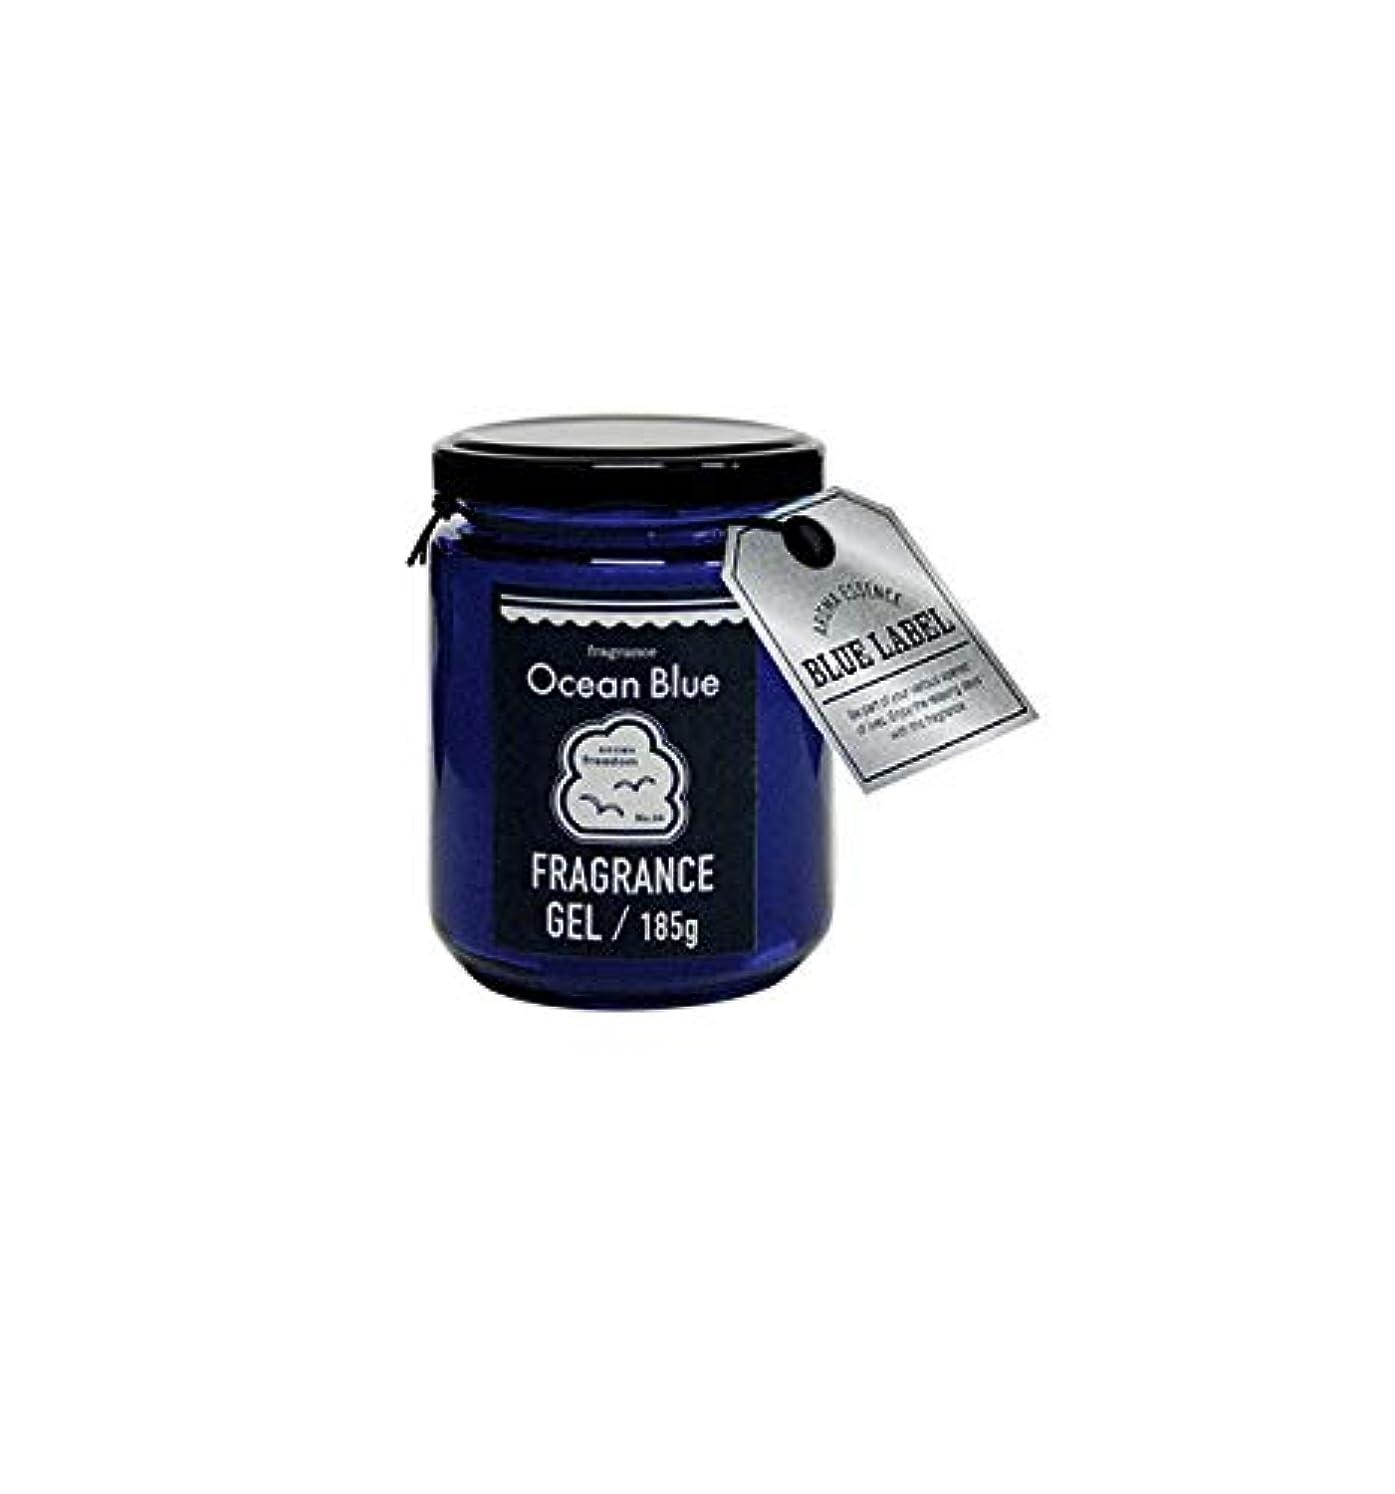 羨望見積り強化するブルーラベル ブルー フレグランスジェル185g オーシャンブルー(ルームフレグランス 約1-2ヶ月 海の爽快な香り)